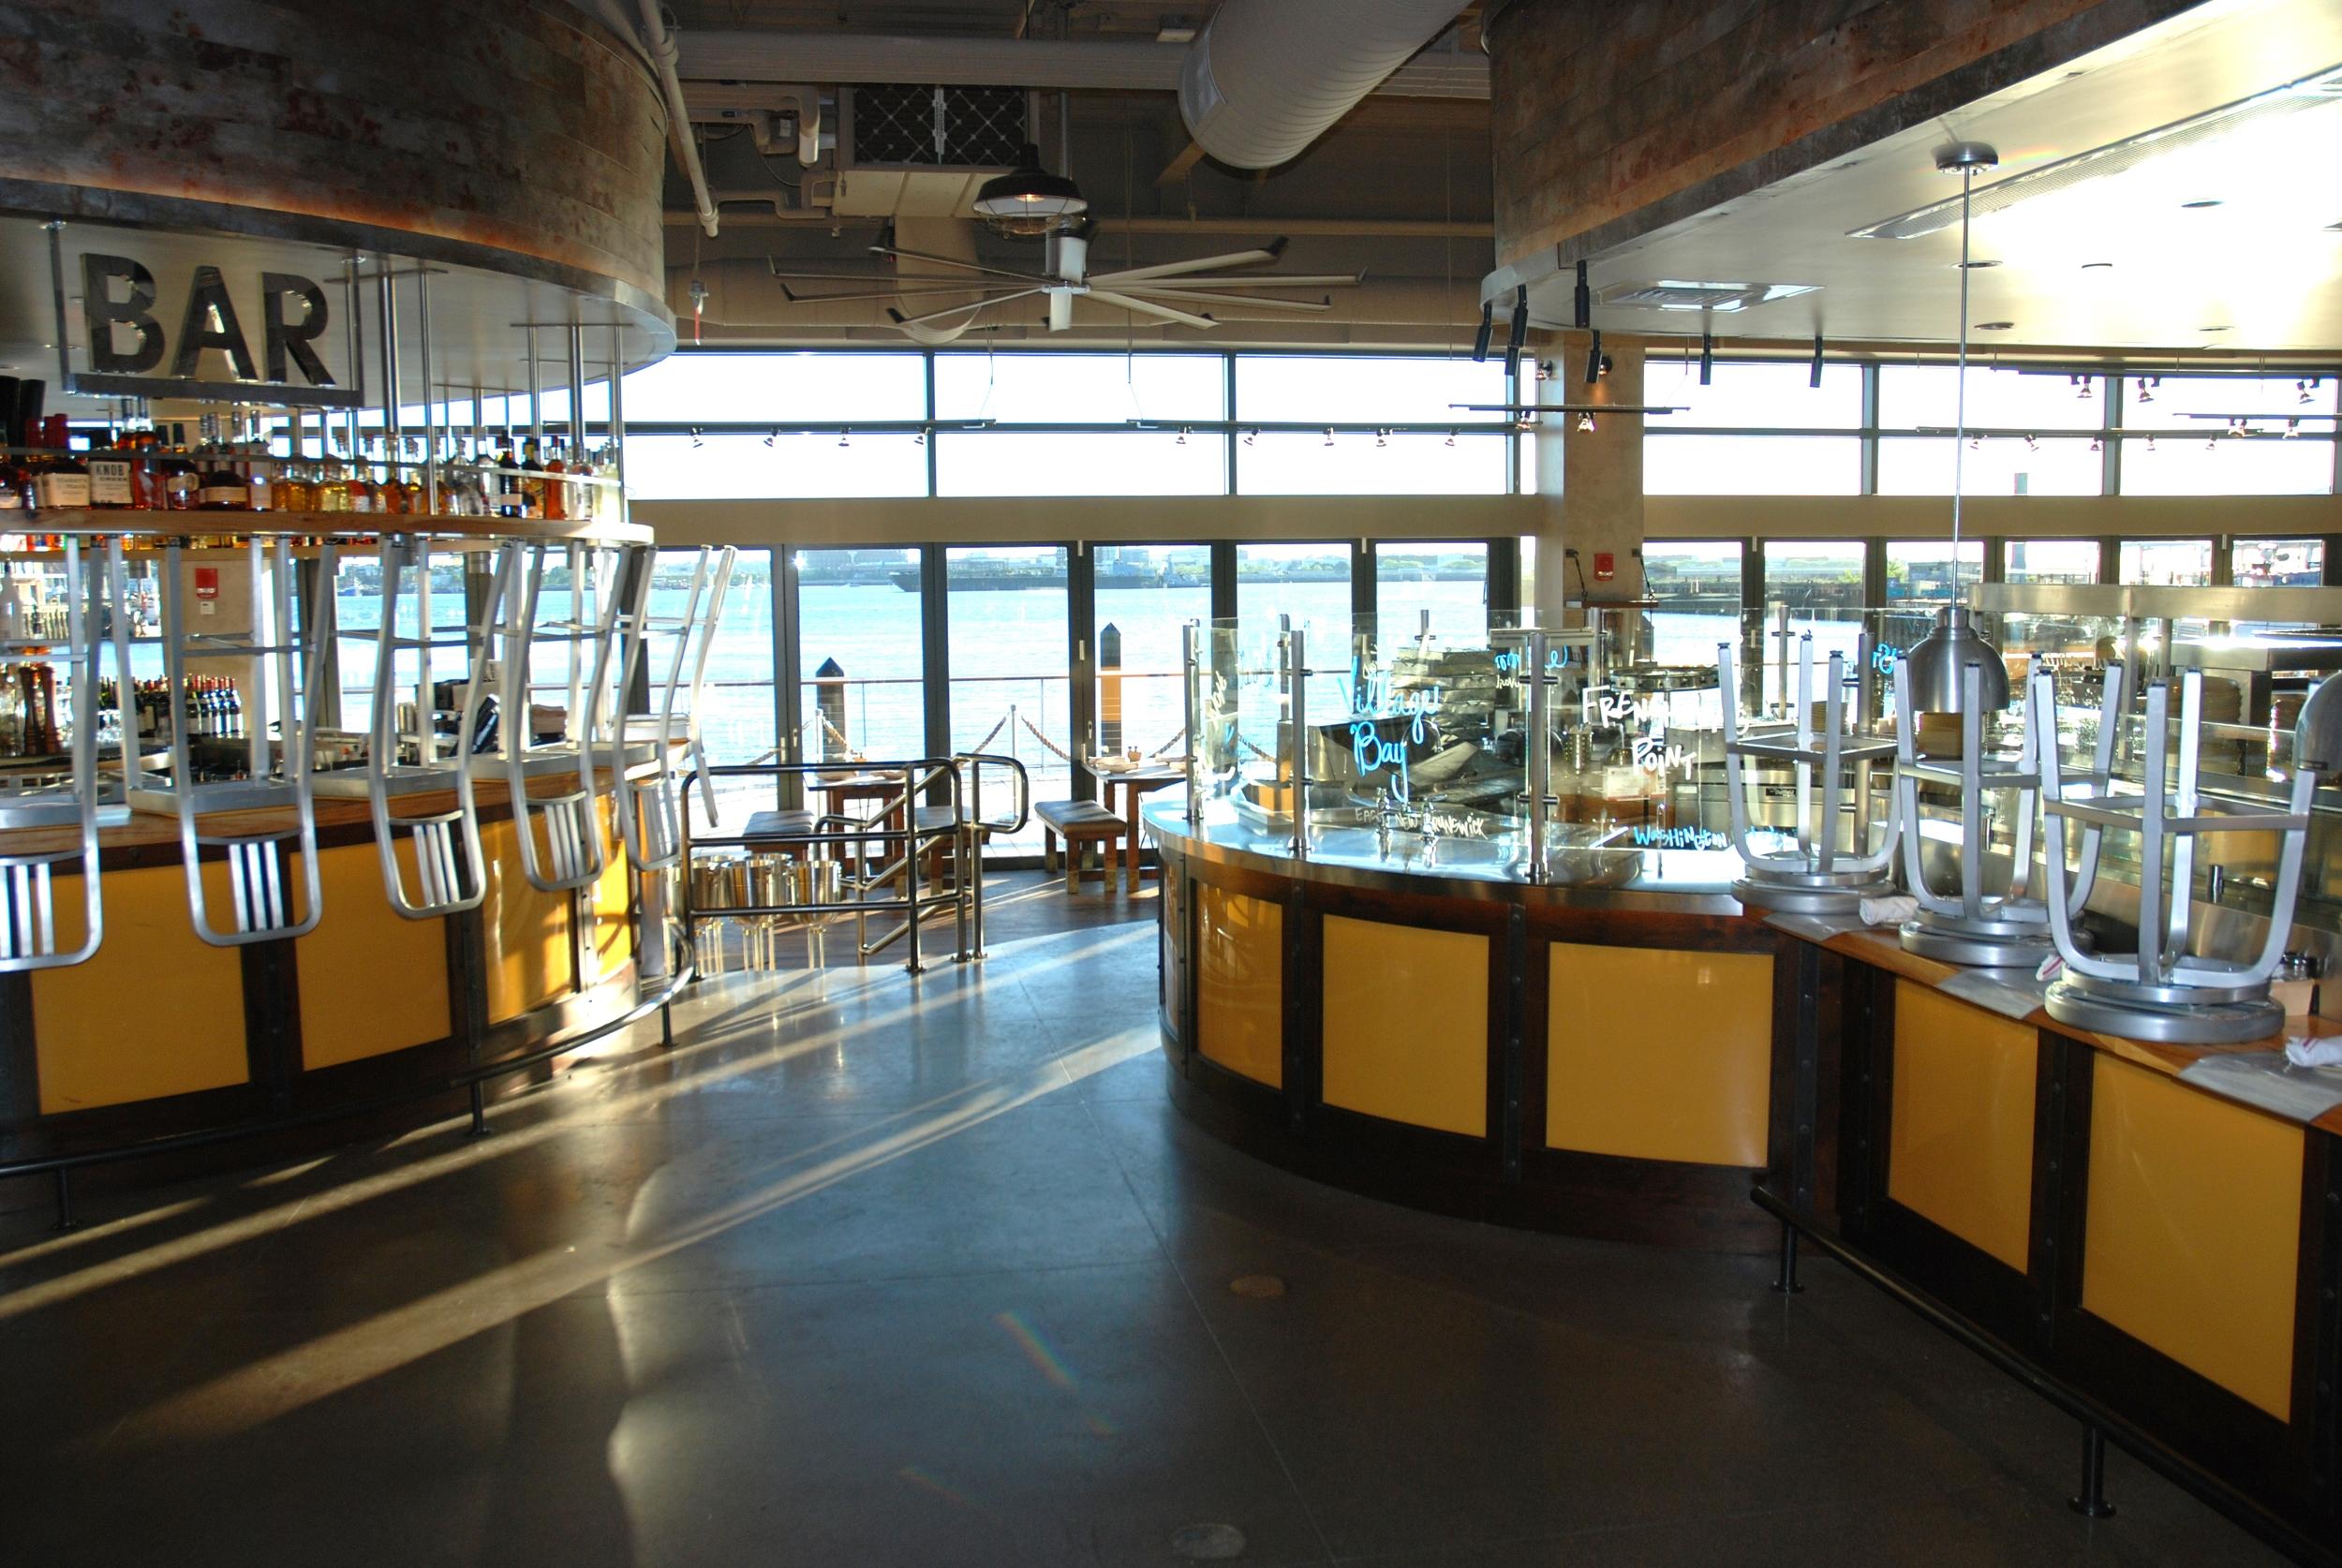 Legal Seafood - Harborside 014.jpg